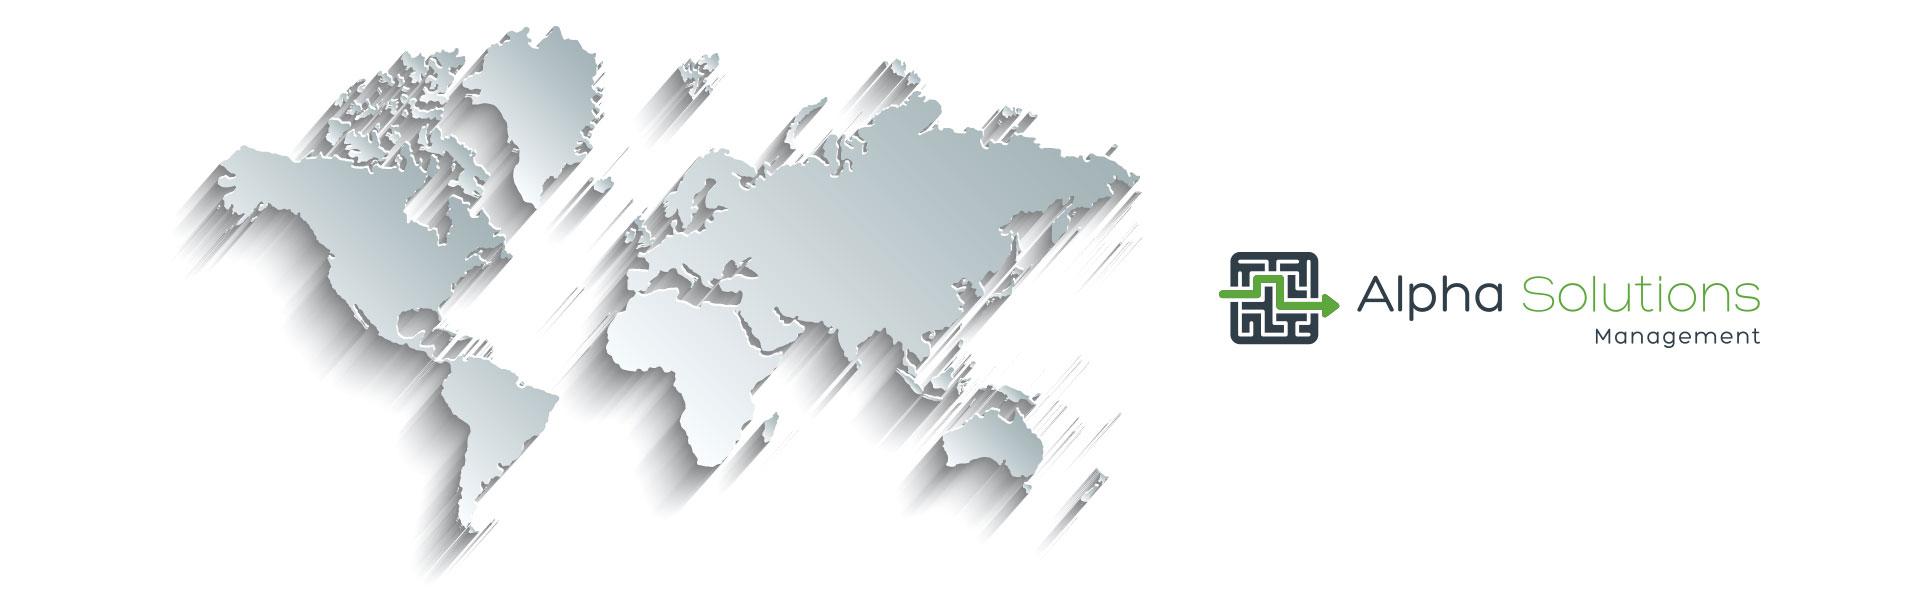 Alpha Solutions Management Wholesale Map